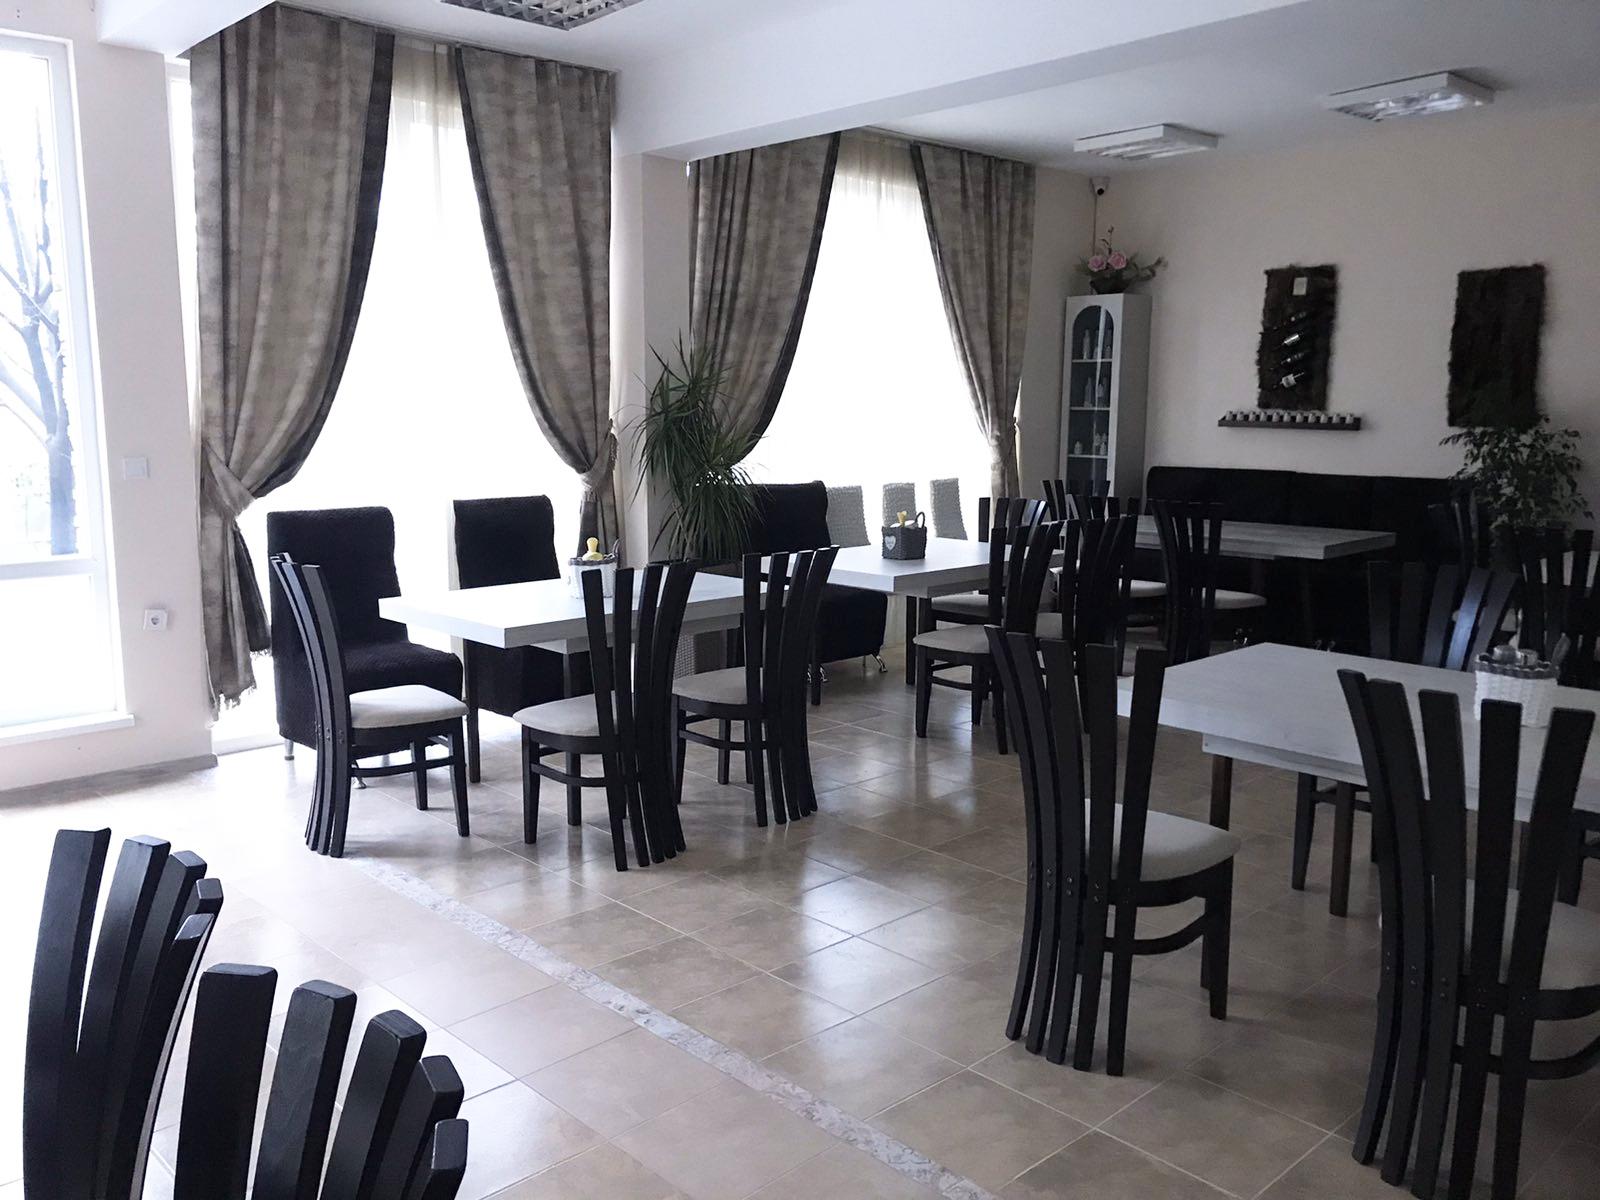 Нощувка с капацитет, до 15 човека + ползване на оборудван ресторант и зала за хранене от Семеен хотел Его, с. Минерални бани, снимка 6